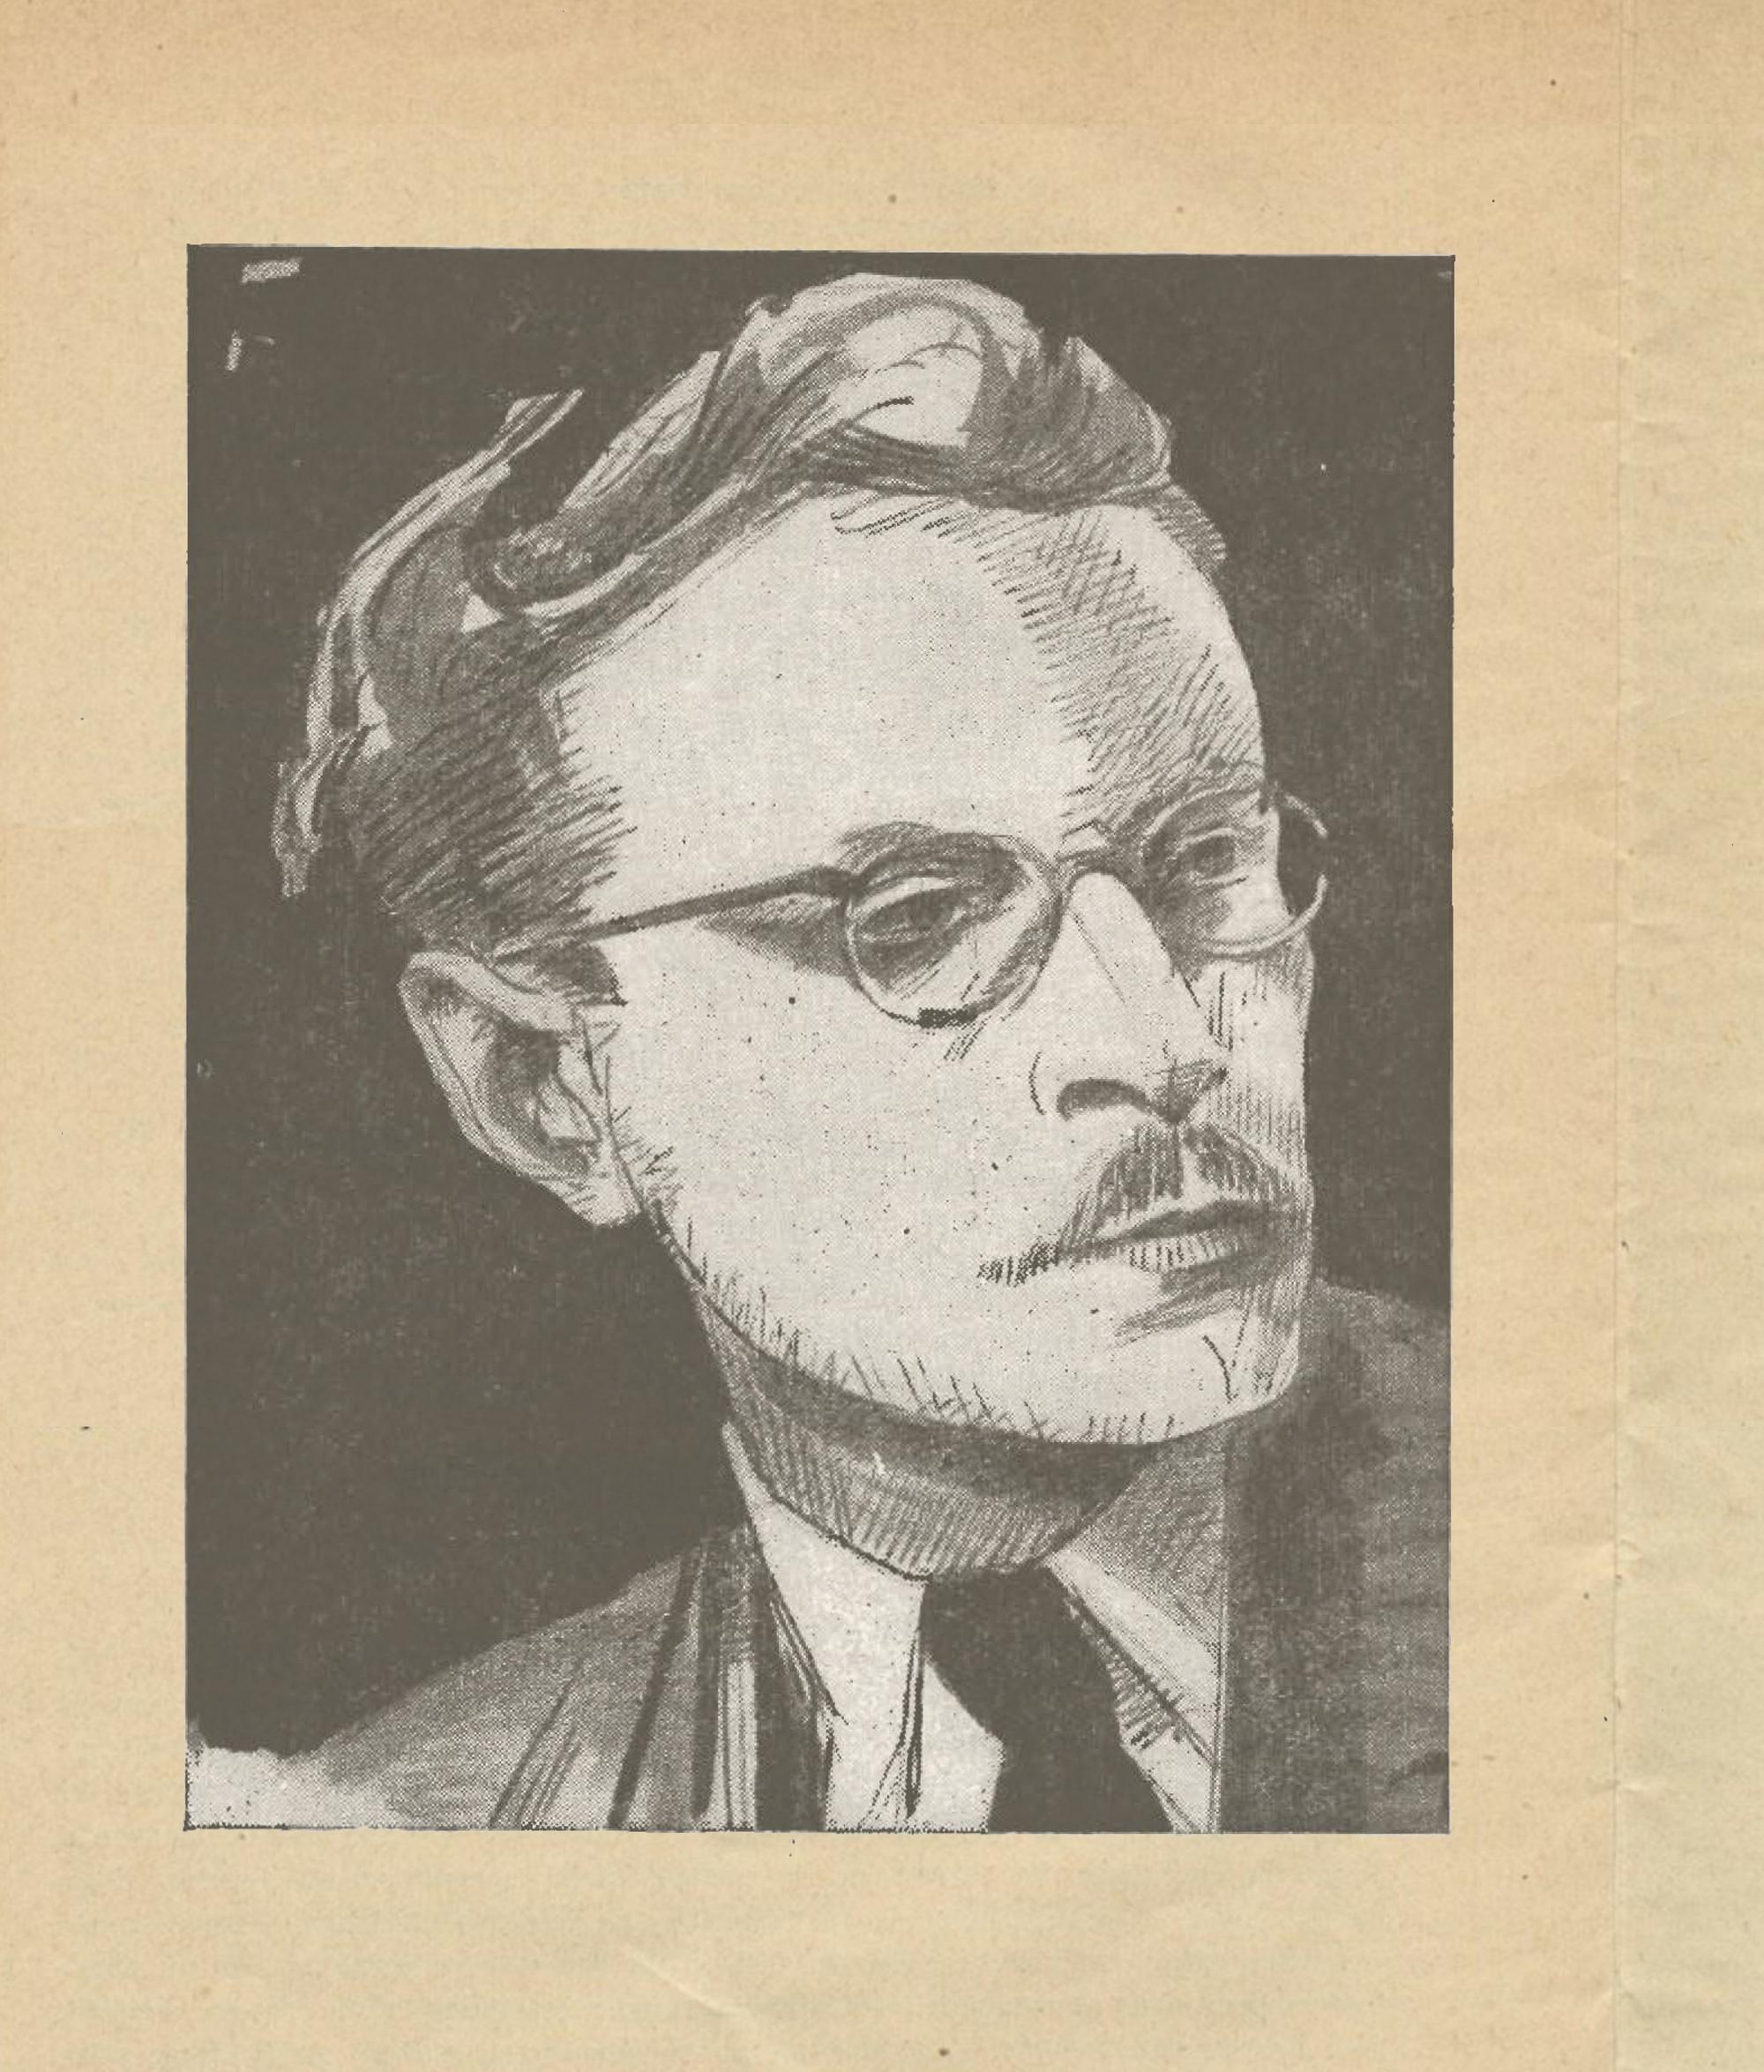 Ernest Borsamsky, Dessin de Ludwig G'schrei, publié entre autres dans la brochure-programme du concert donné le 17 janvier 1949 par l'Orchestre Philharmonique de Berlin sous la direction d'Ernest Borsamsky, Titania-Palast, Steglitz, cliquer pour une vue agrandie